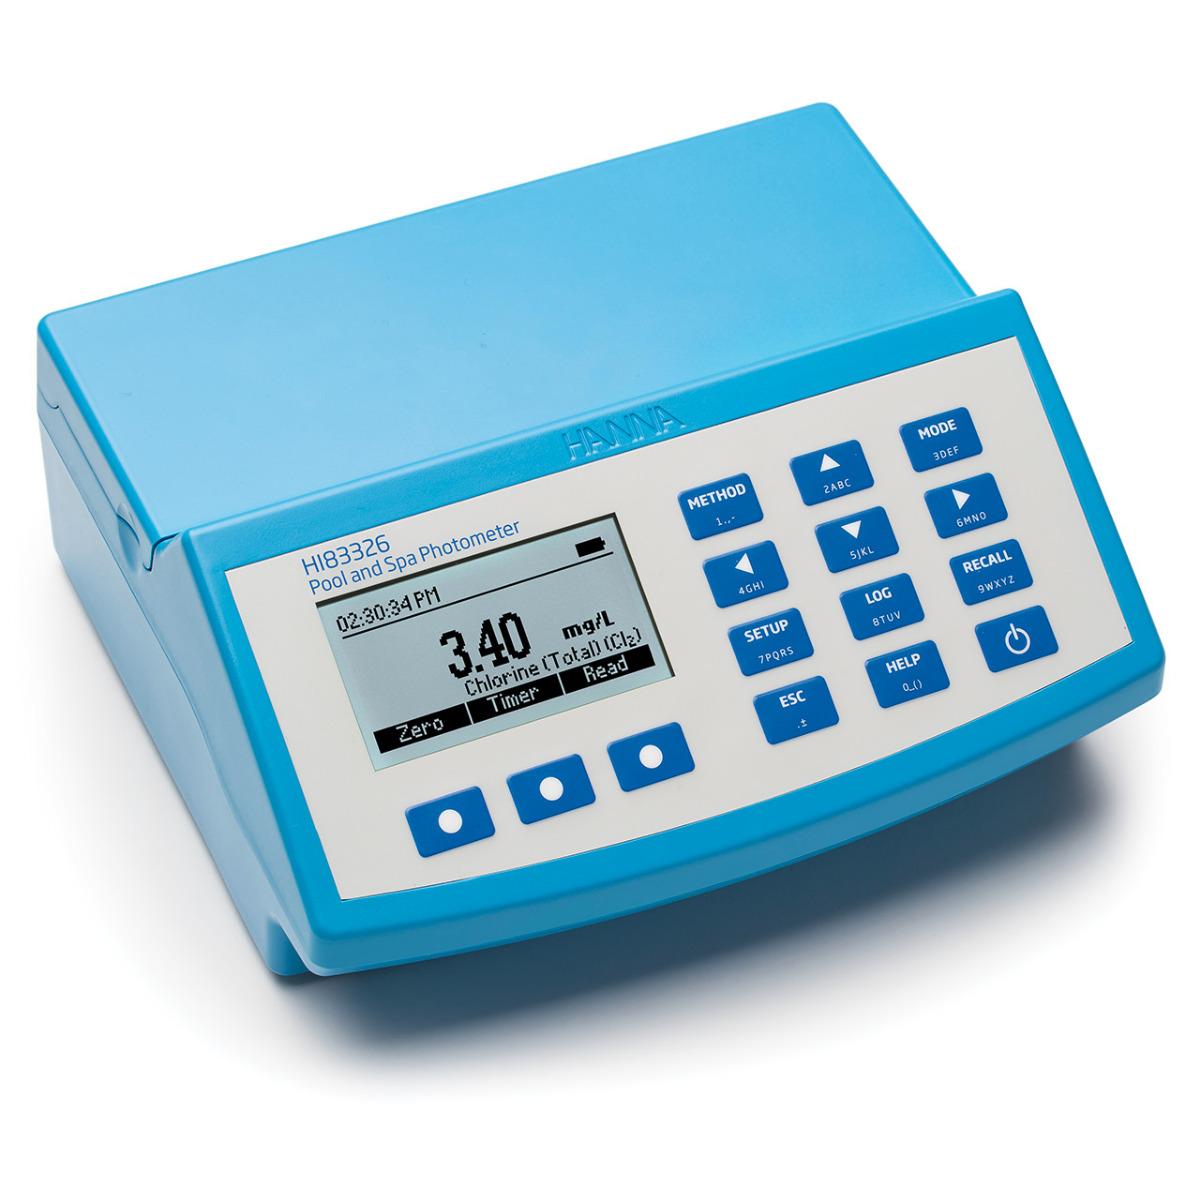 HI83326 - Fotometro da banco per piscine (12 metodi)